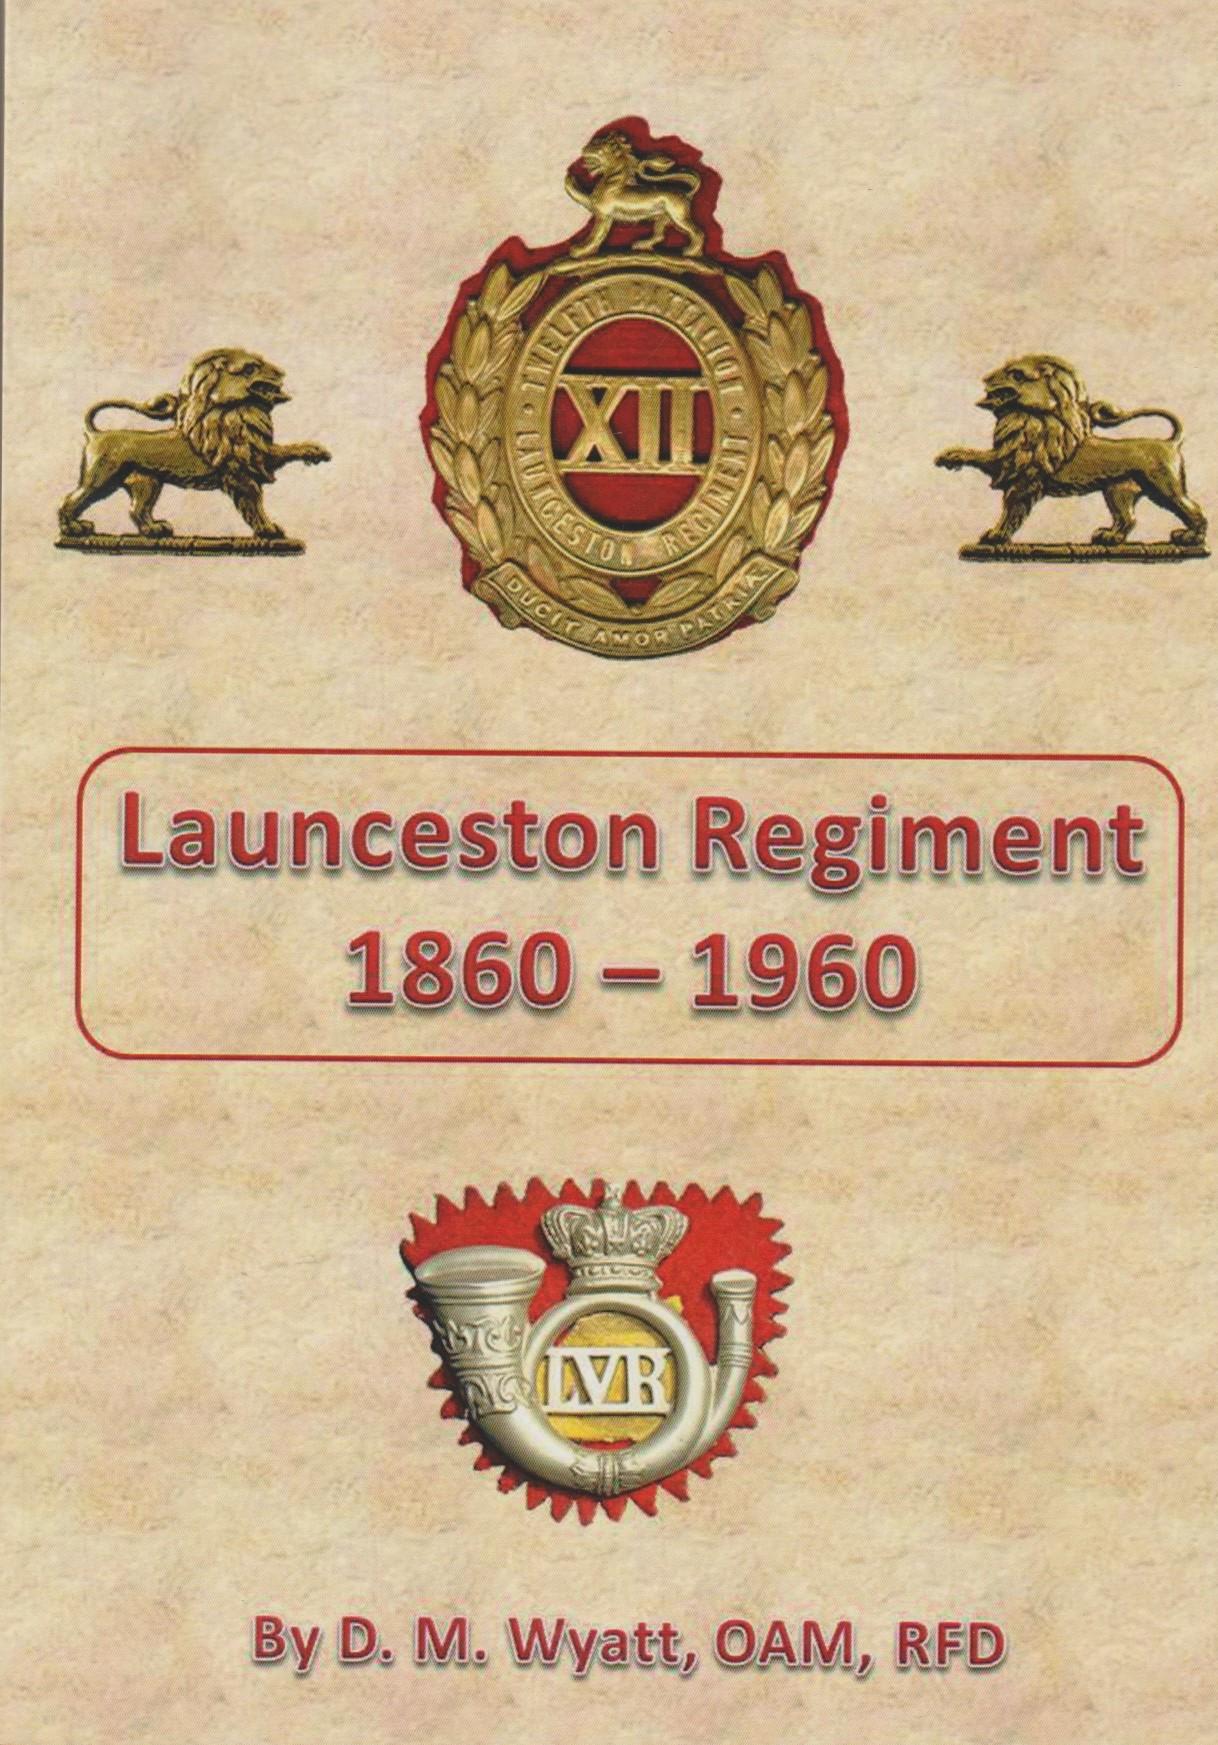 Launceston Regiment 1860-1960 softcover